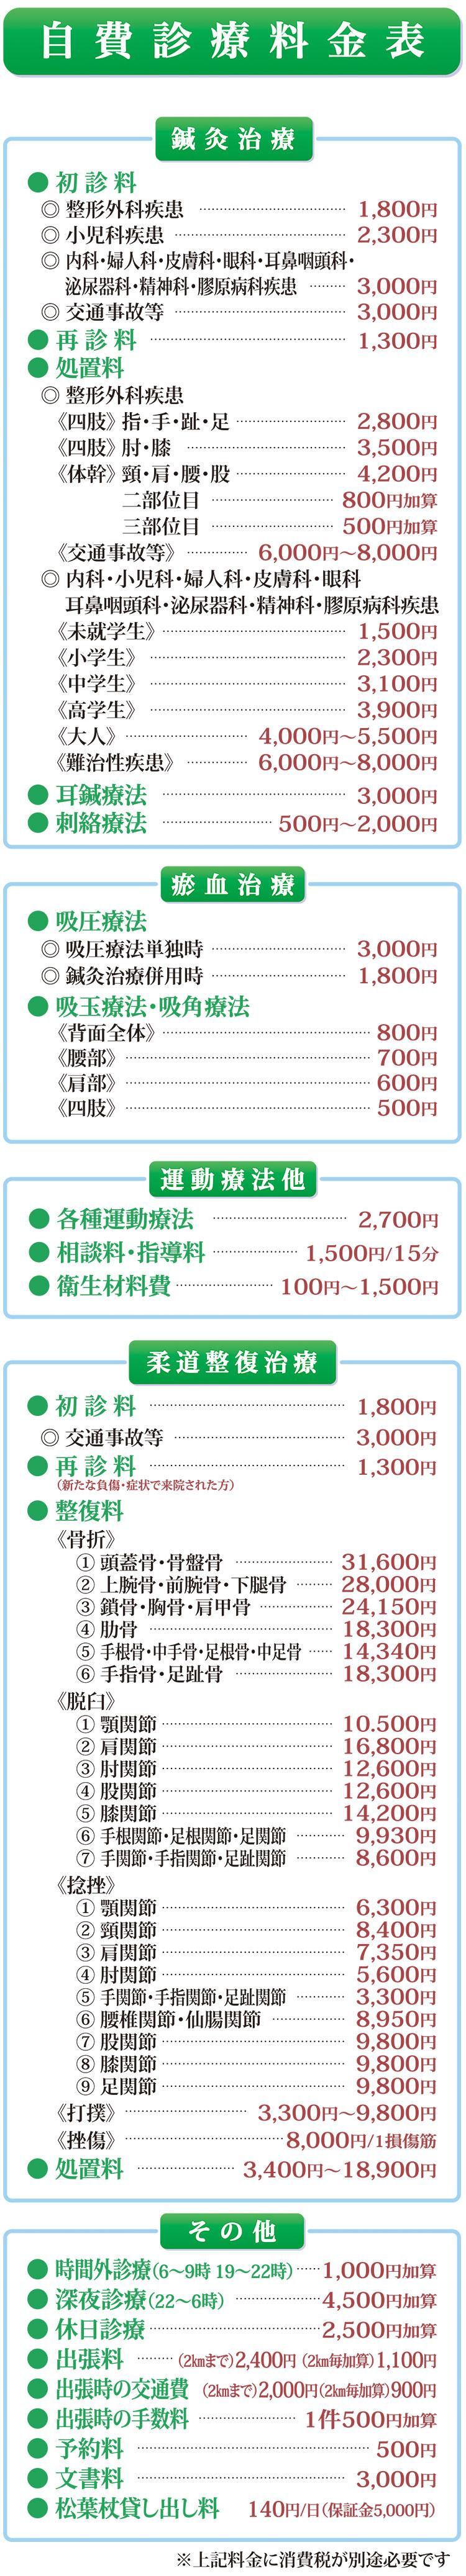 自費診療料金表